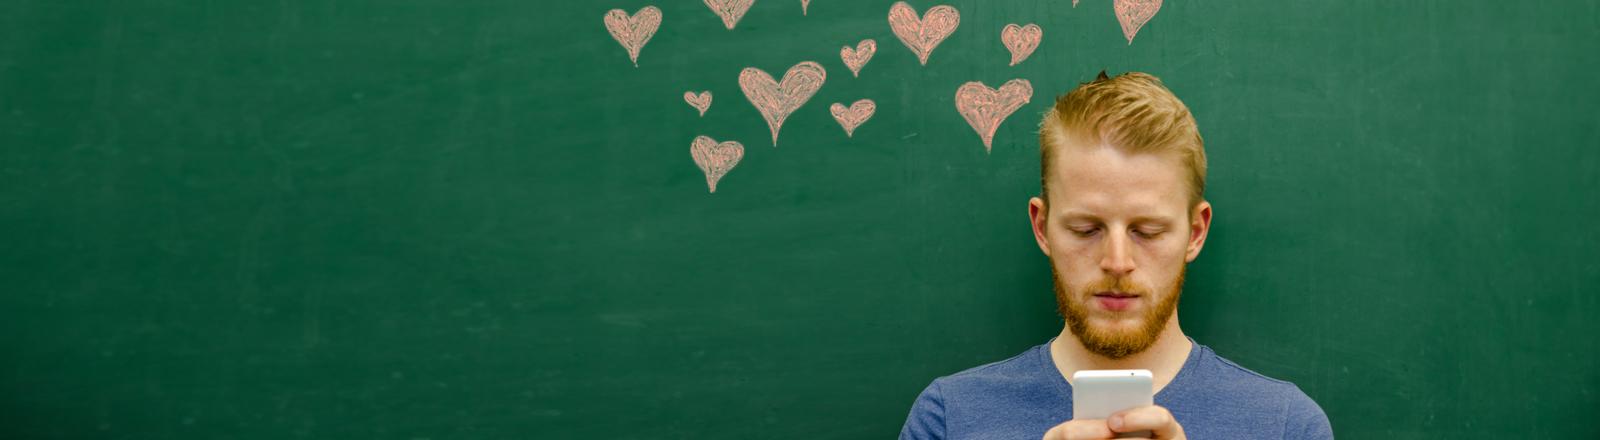 Ein rothaariger junger Mann schaut auf sein Smartphone, im Hintergrund sind Herzen an die Wand gemalt